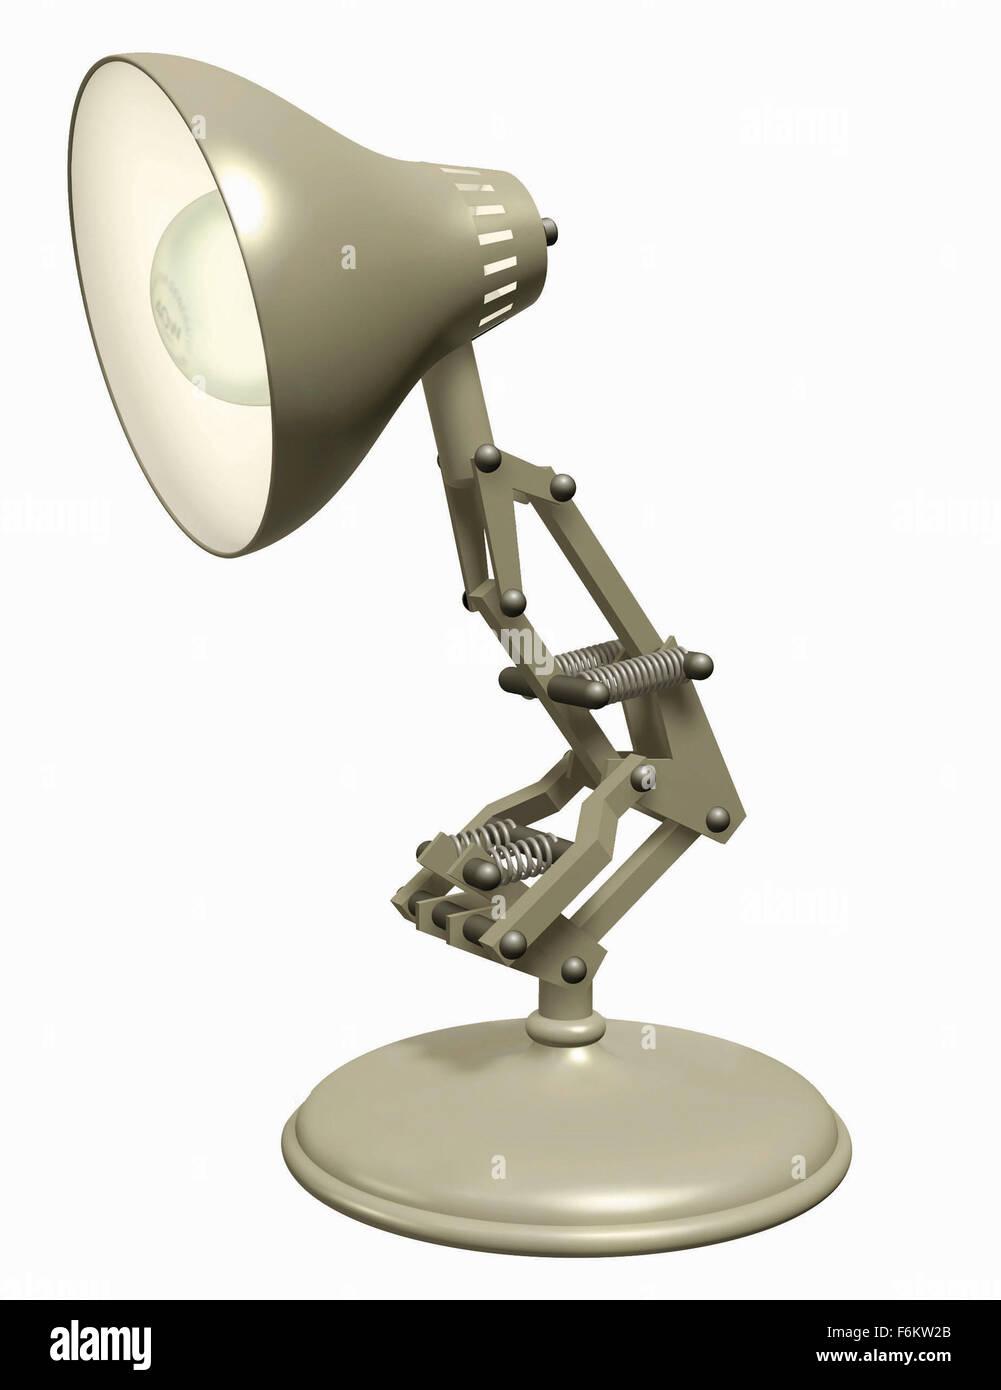 pixar lamp stock photos pixar lamp stock images alamy